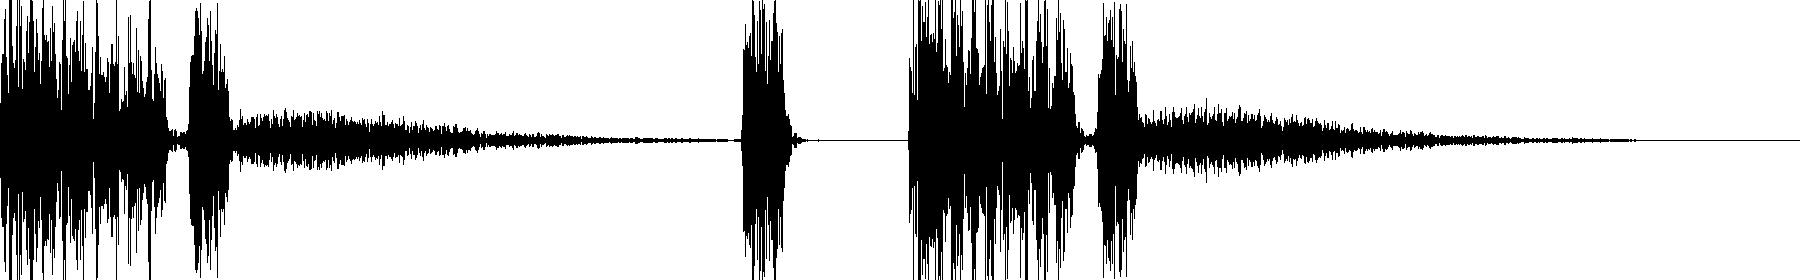 shg synth loop 01